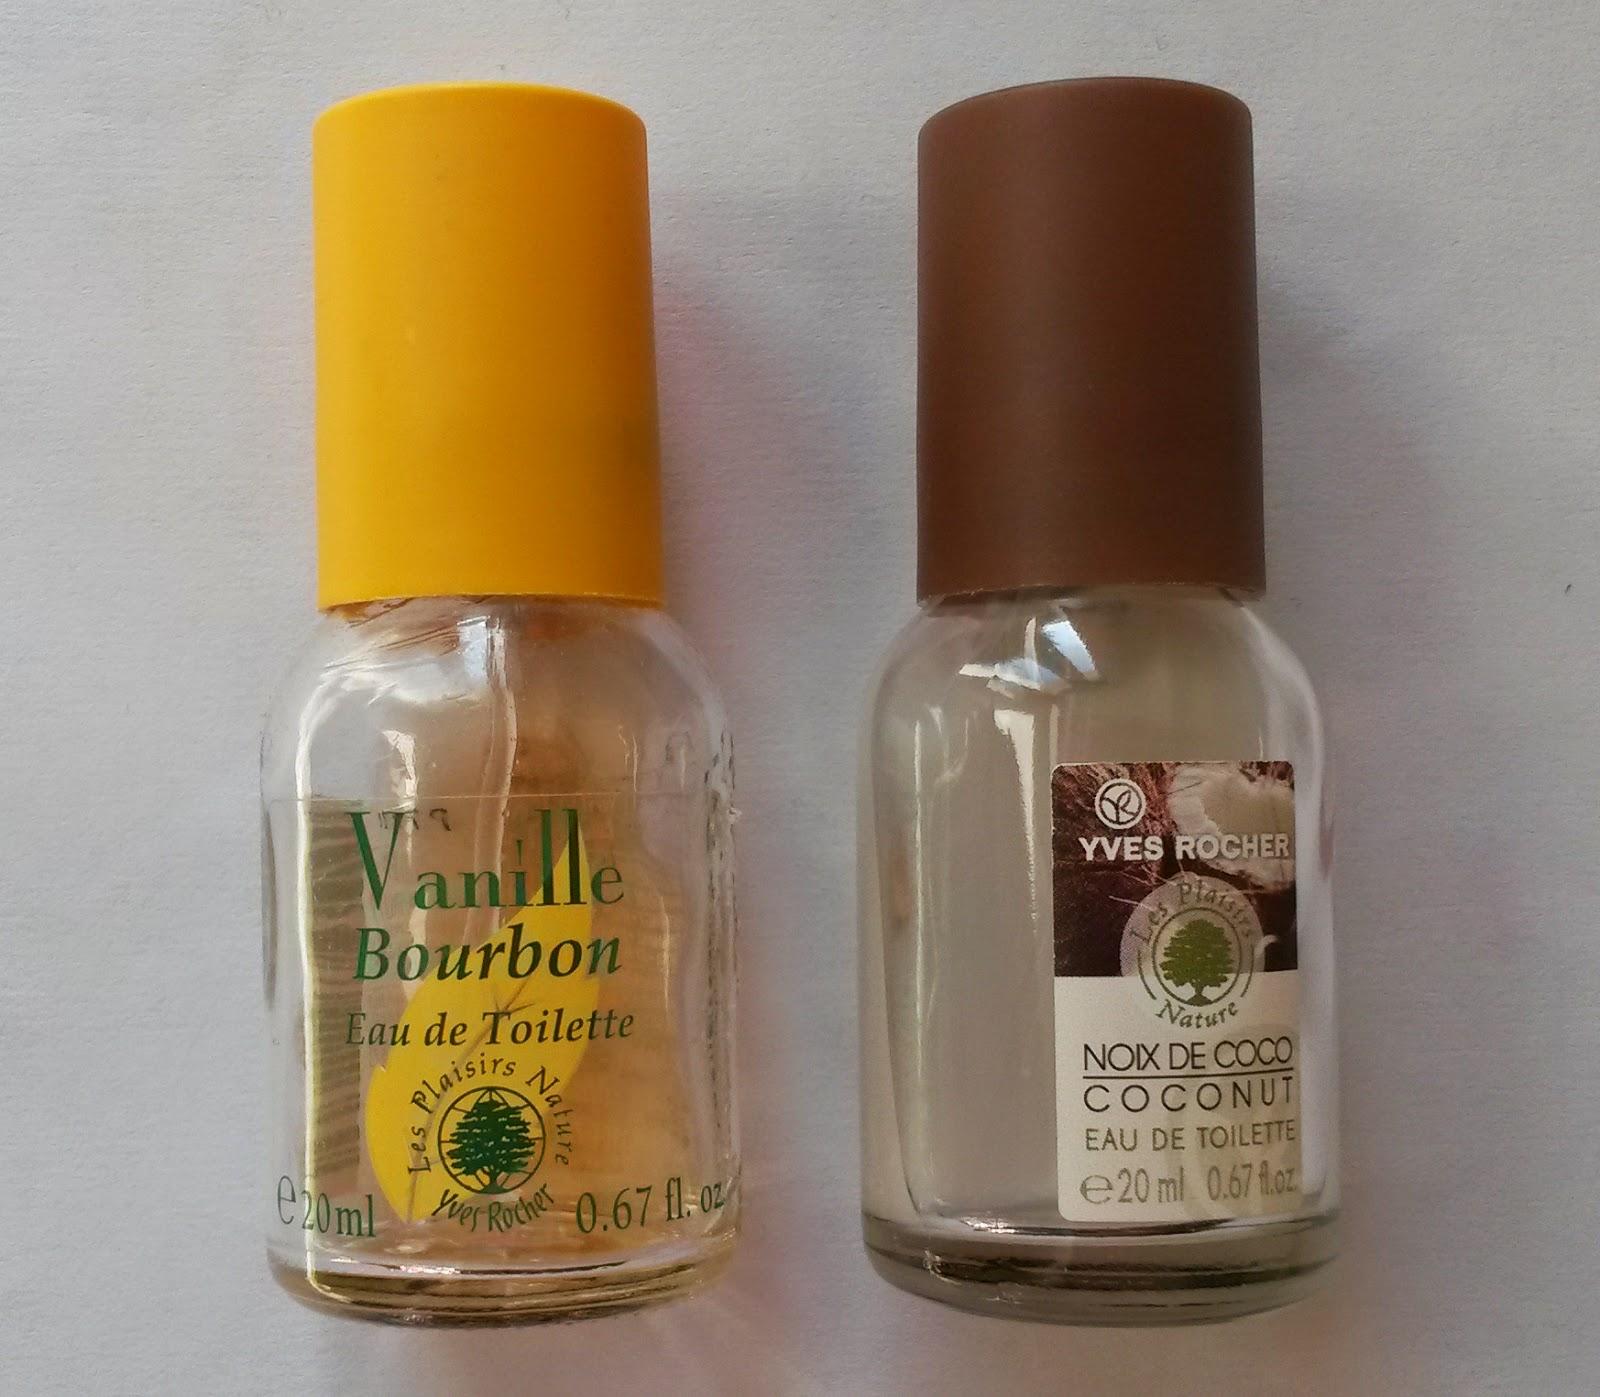 TAG Fall Favorite Things (Ce que je préfère en automne) parfum yves rocher